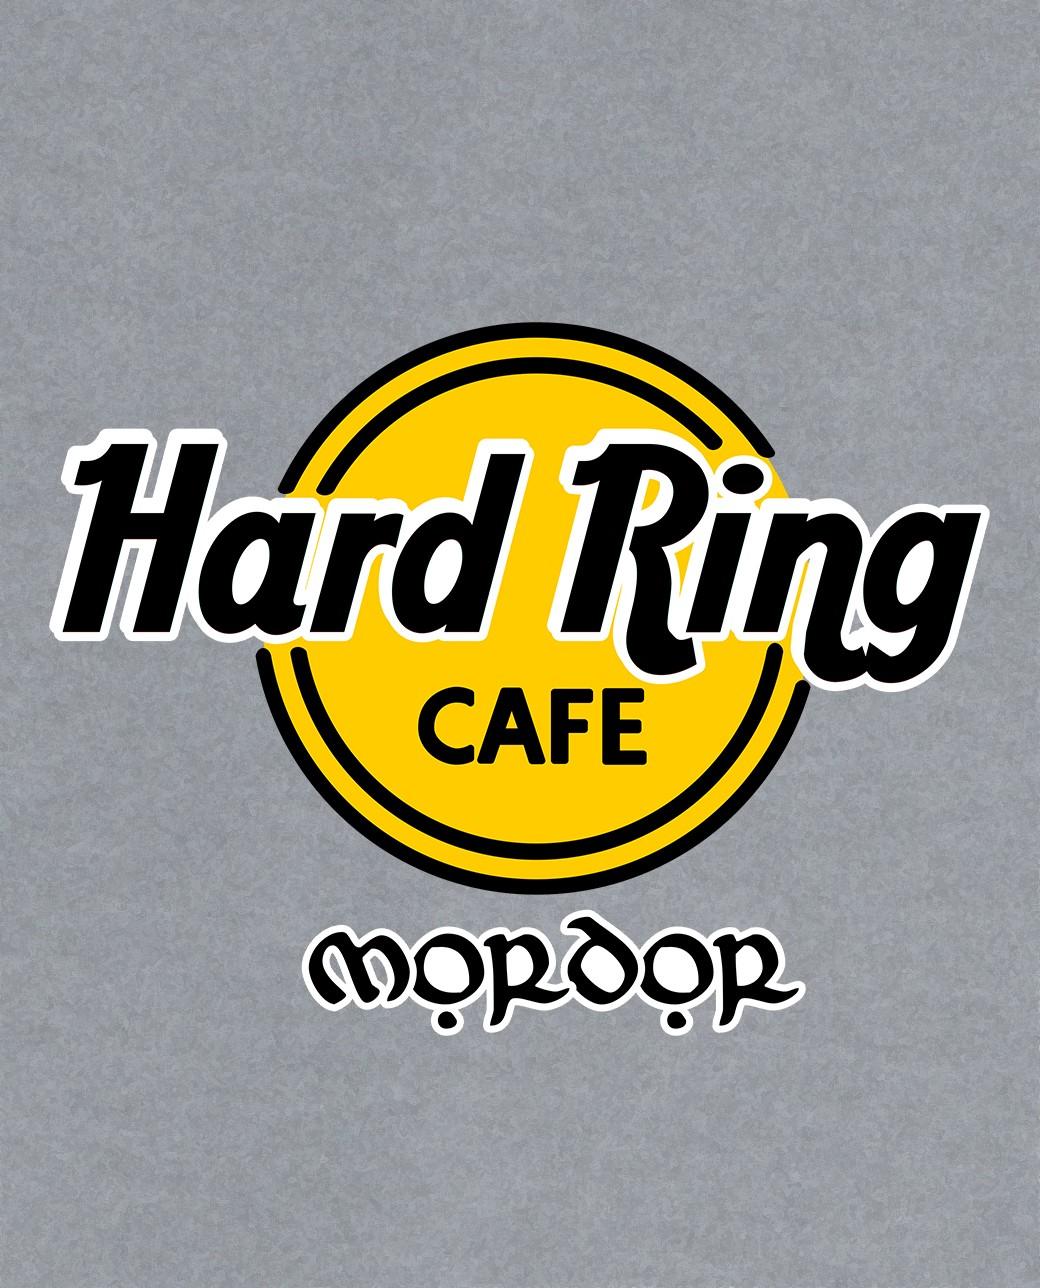 ARD RING CAFE MORDOR